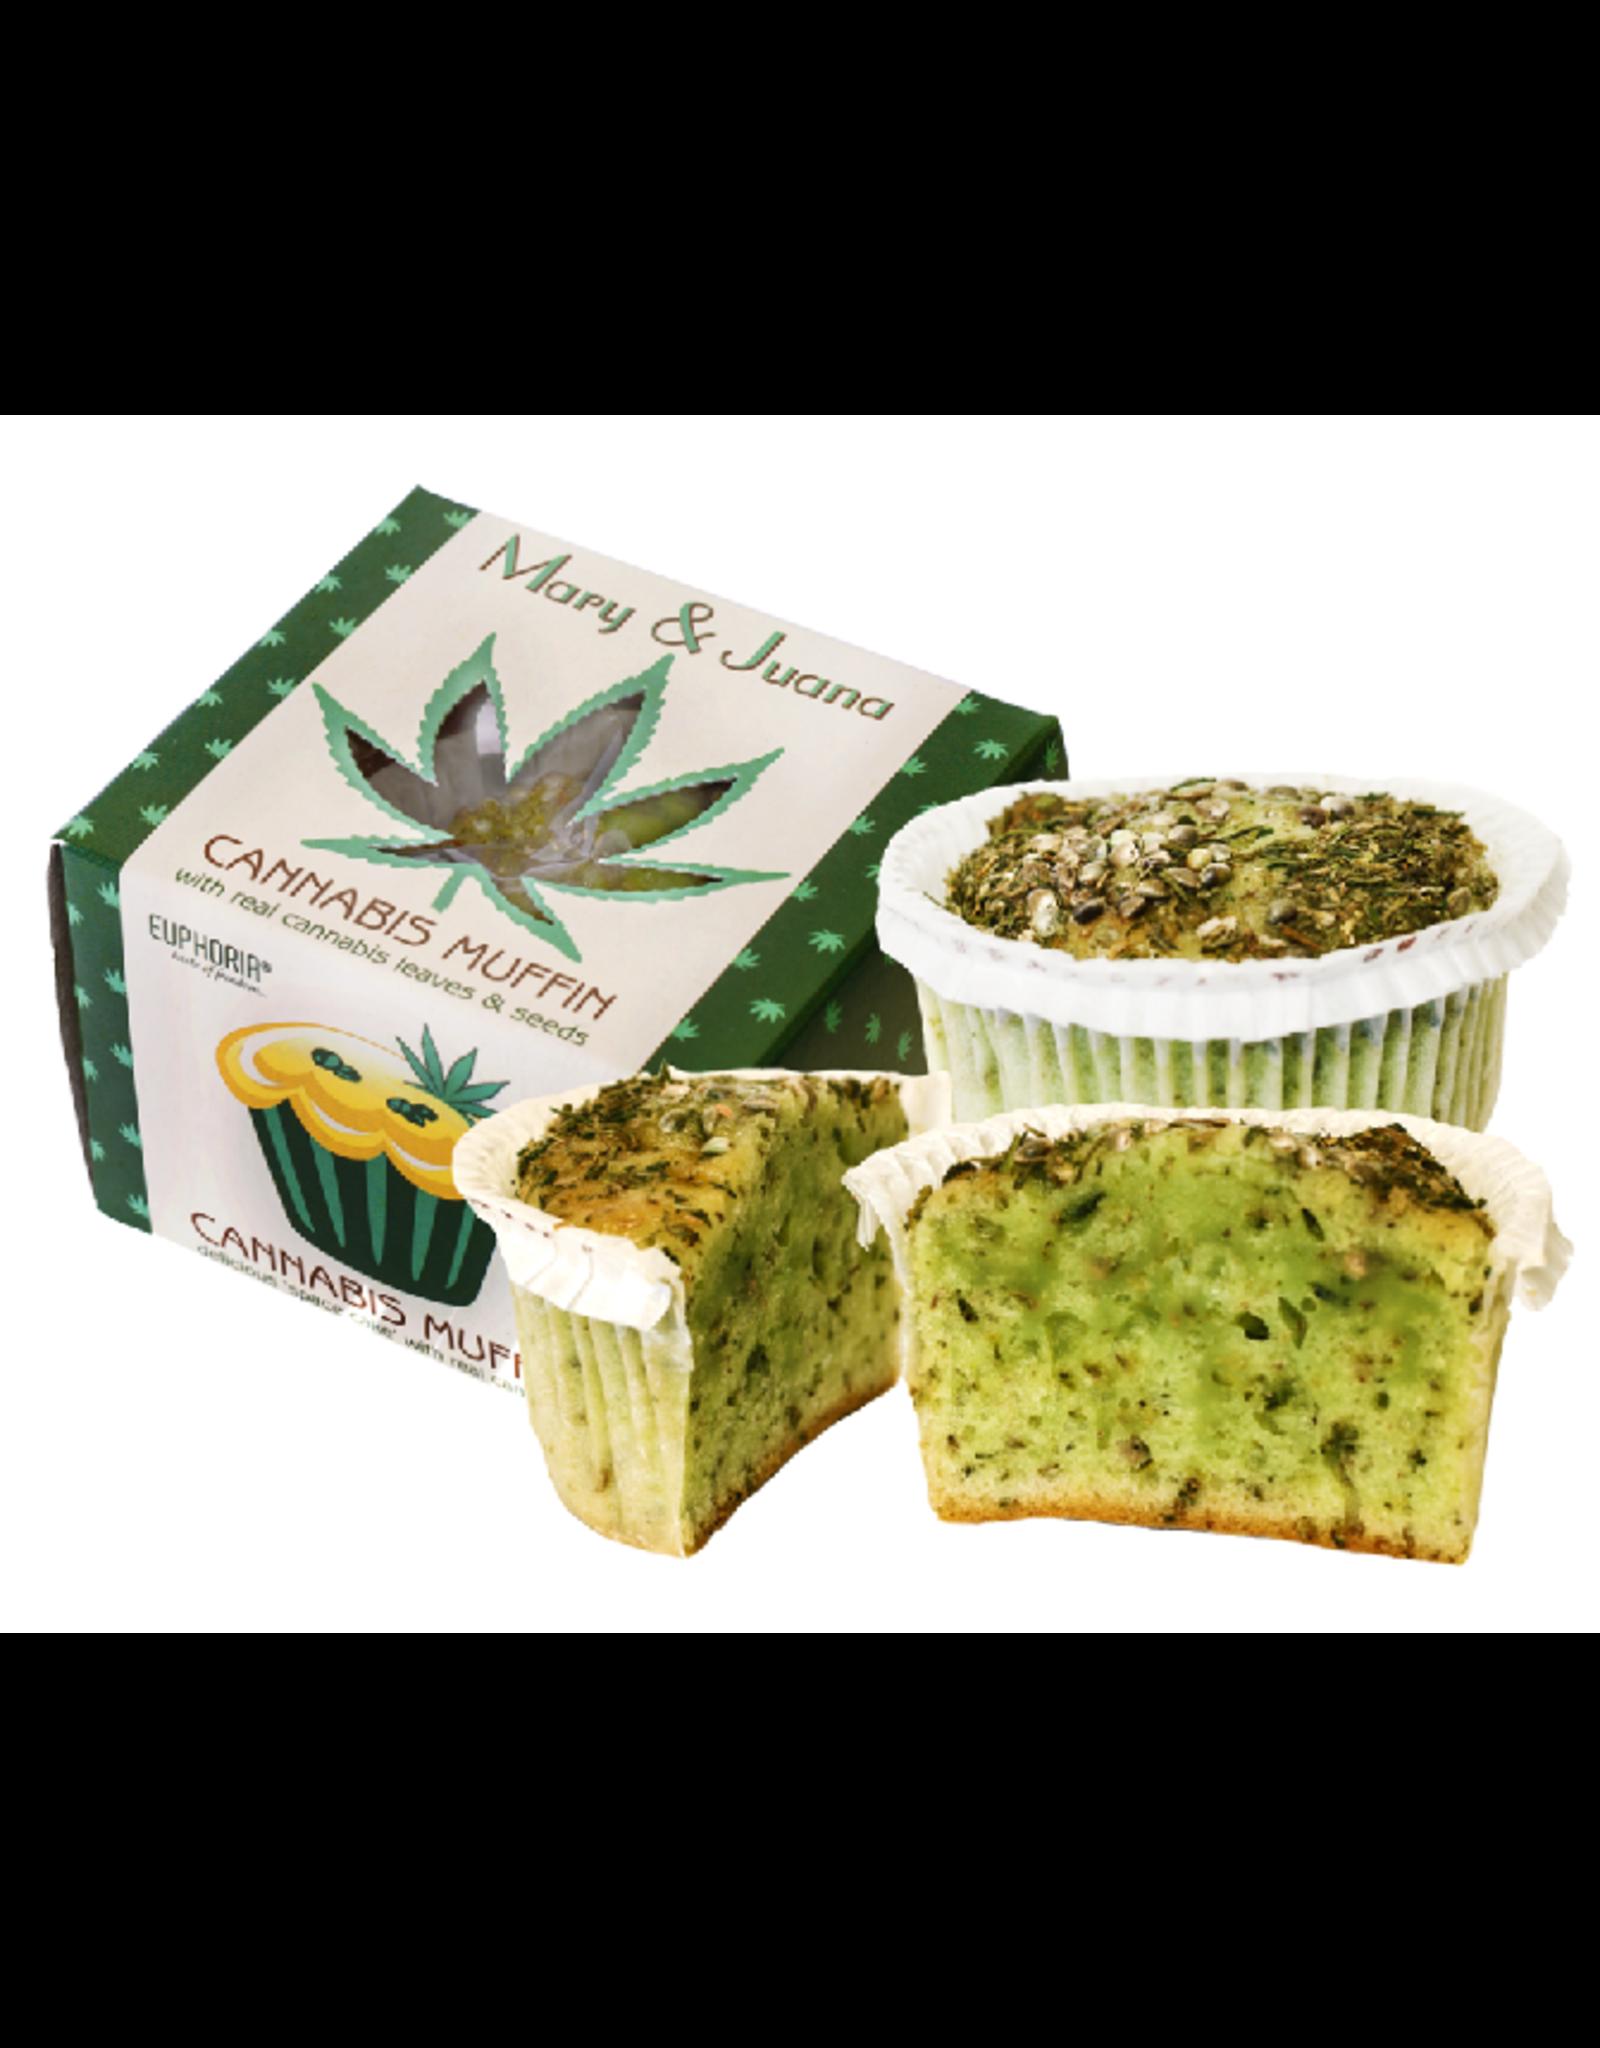 Euphoria Mary&Juana Cannabis Muffins